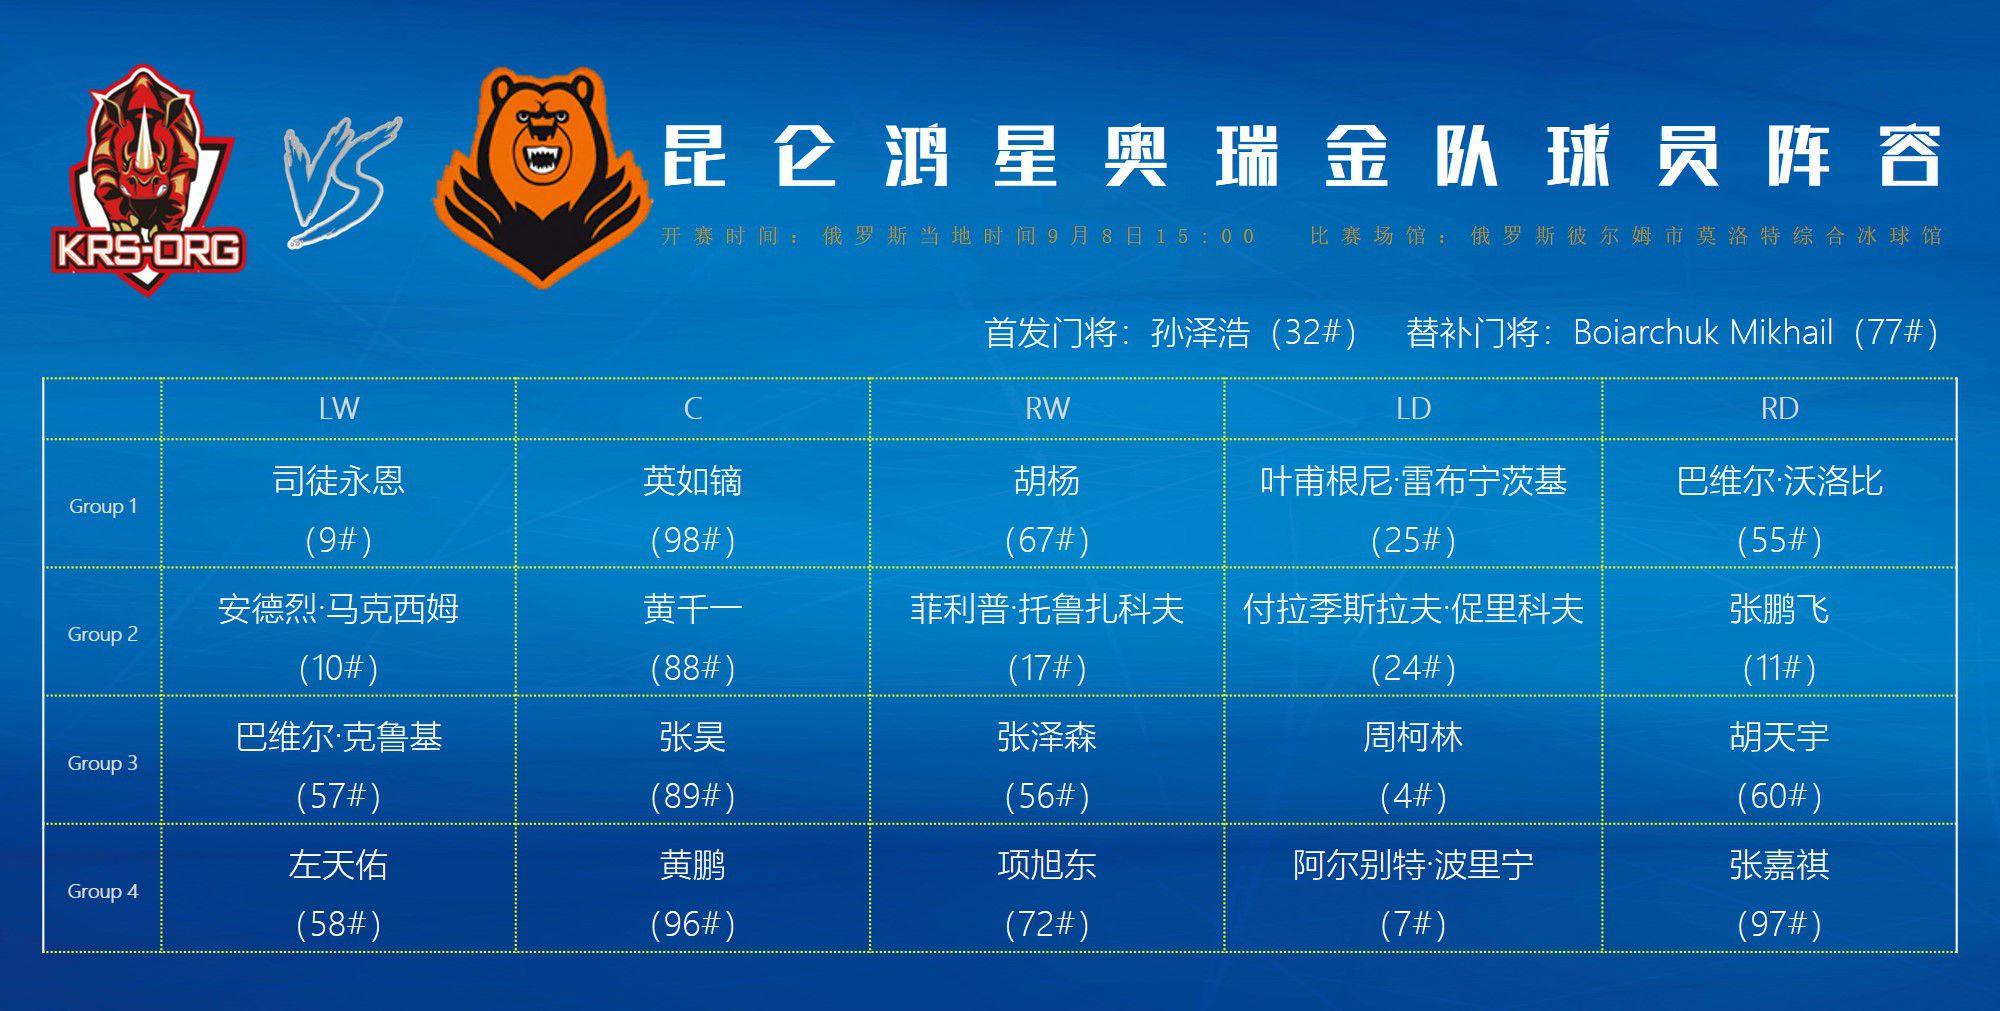 北京赛车pk10免费软件:马克西姆梅开二度?昆仑鸿星奥瑞金客场3